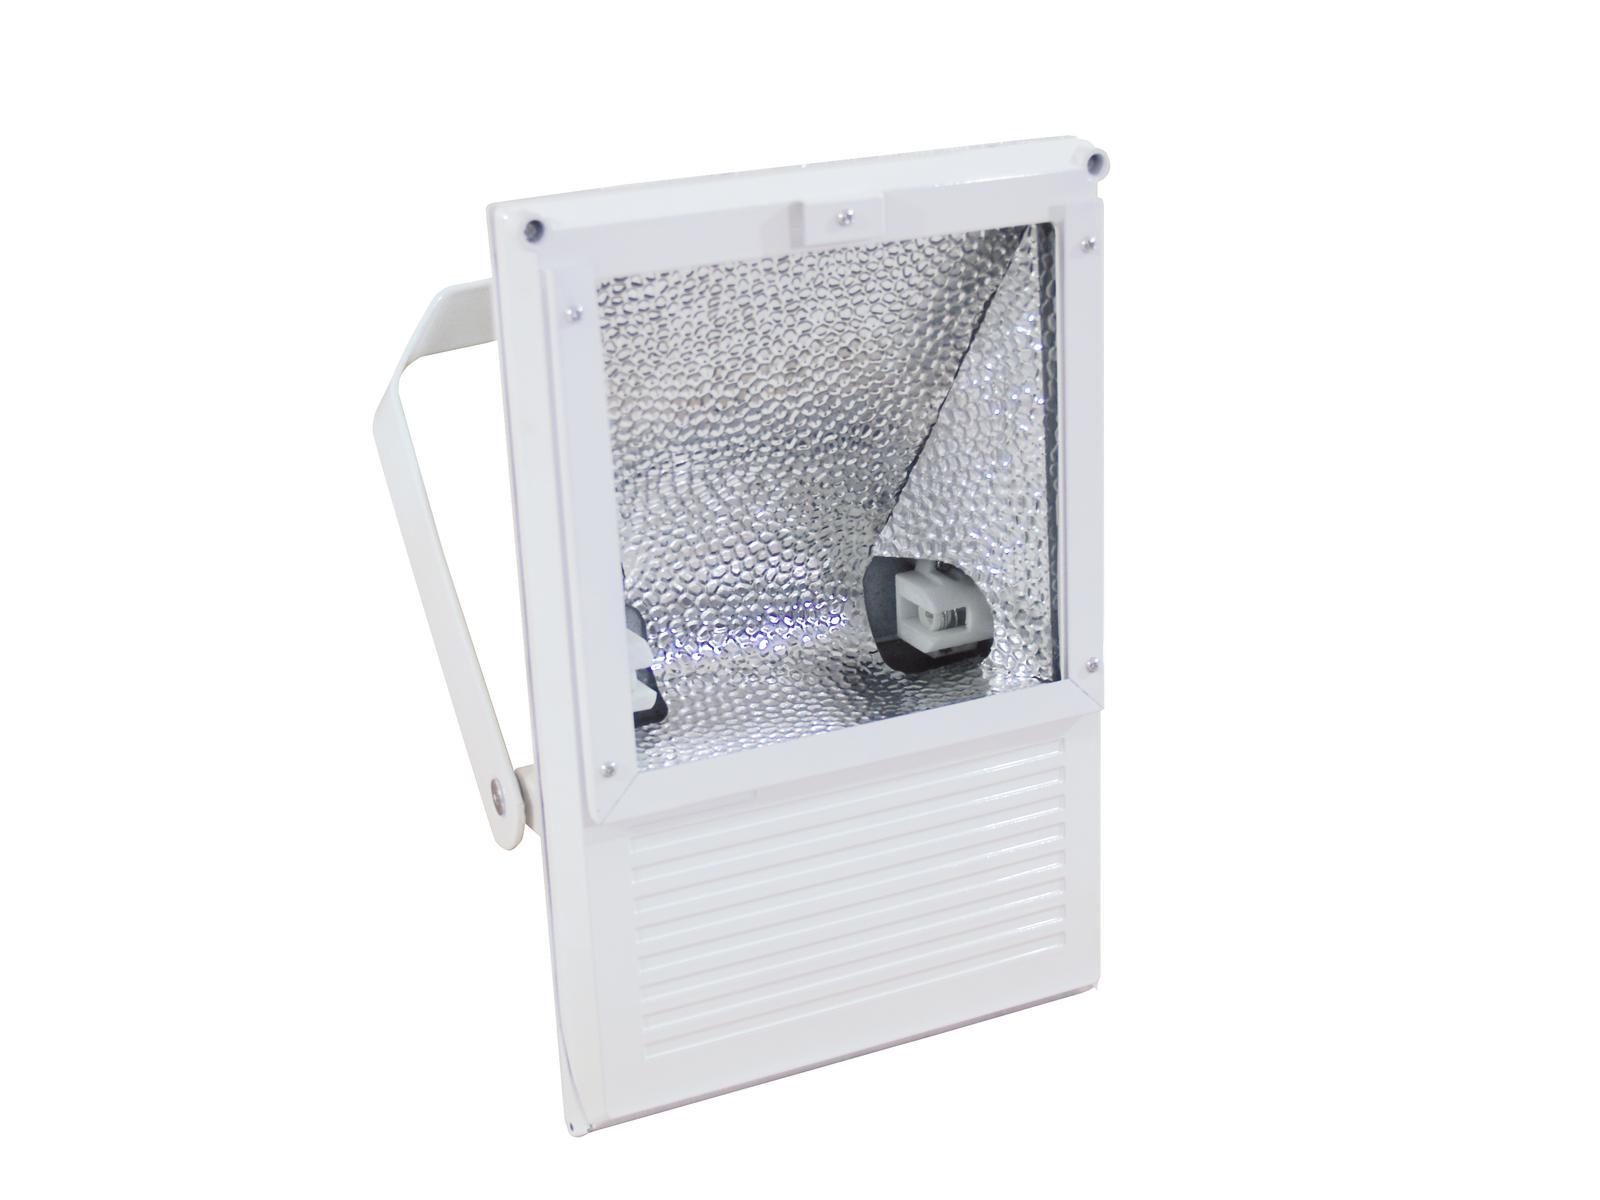 EUROLITE Proiettore da esterno Spot 70W WFL bianco A